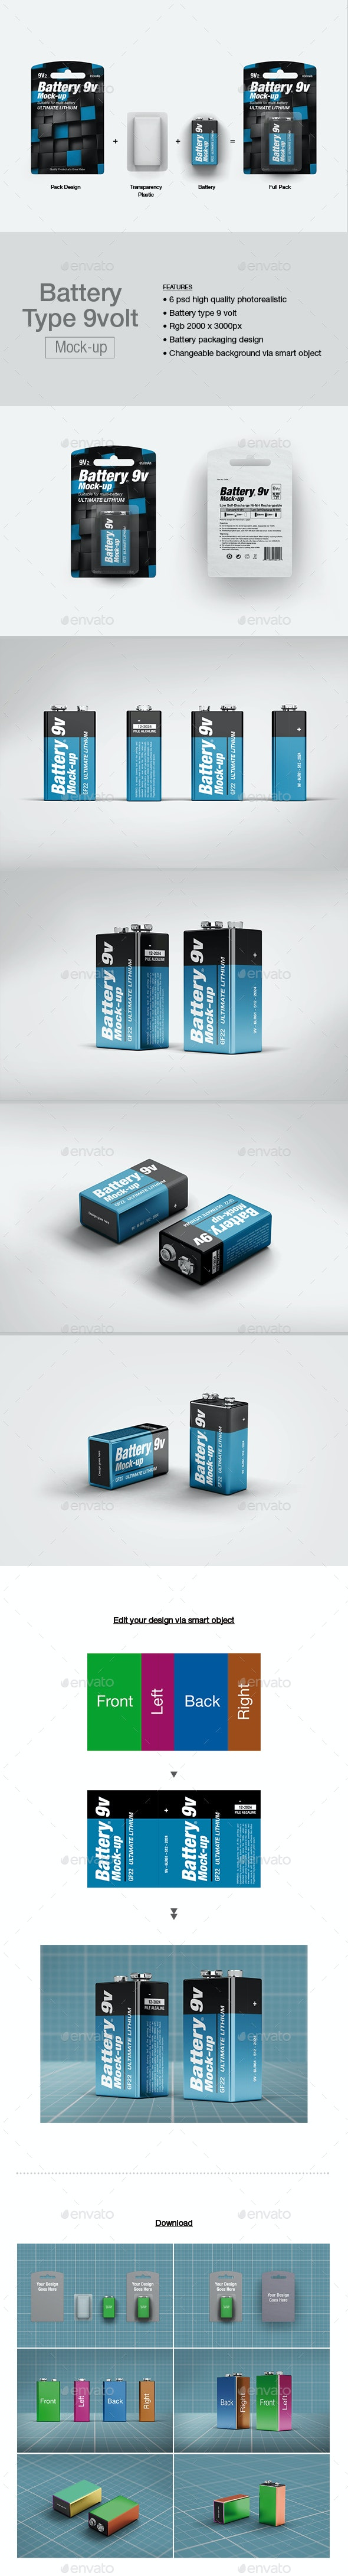 Battery 9v Mock-up - Packaging Product Mock-Ups